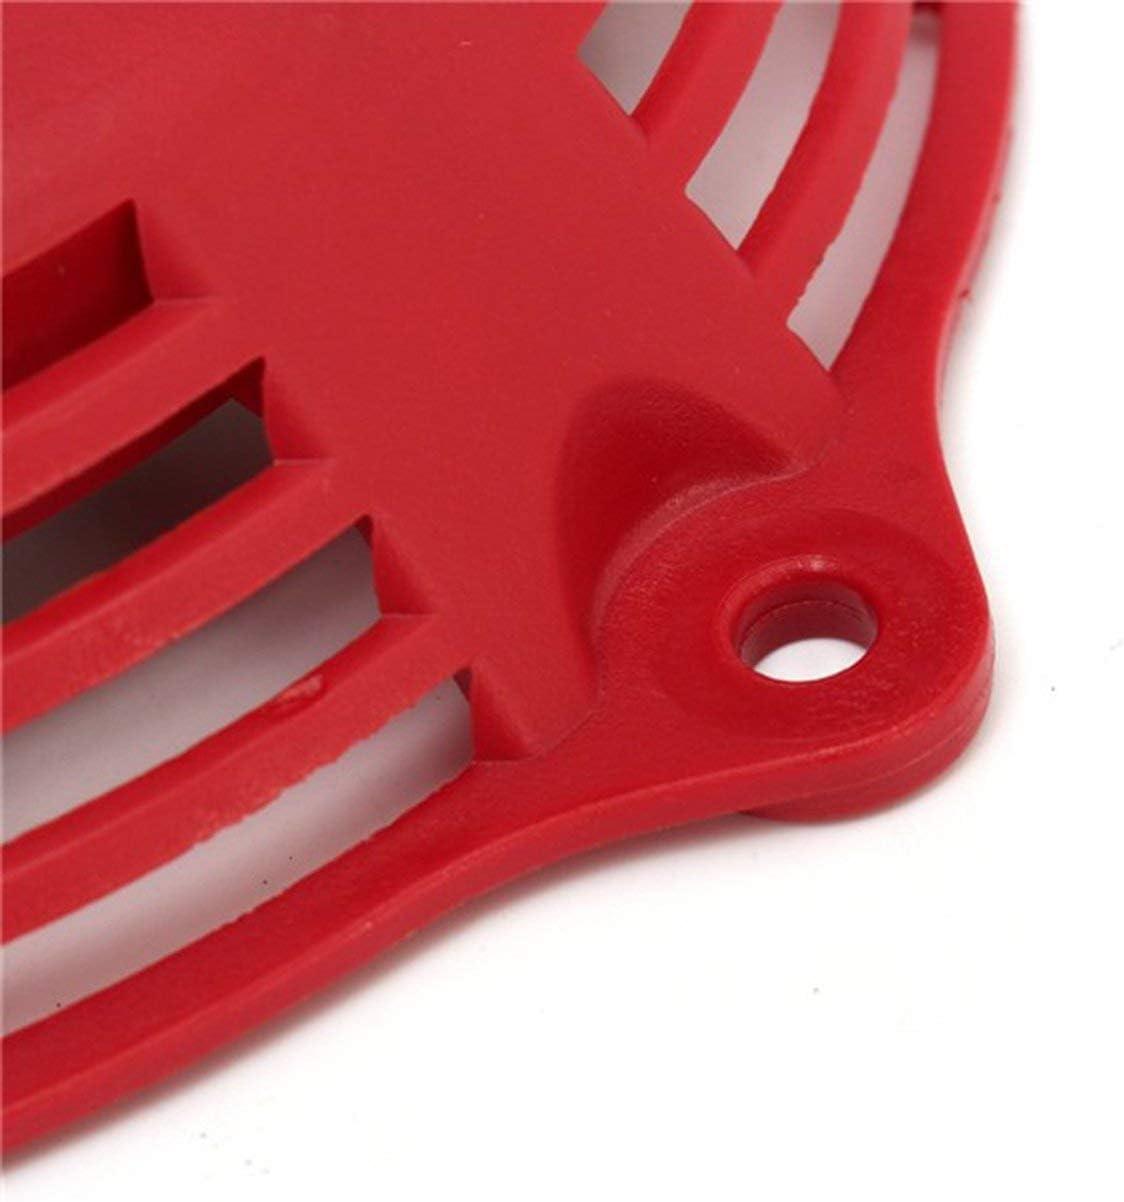 Arrancador de retroceso de arranque de arranque para Honda GCV135 GCV160 EN2000 HRU19 Cortadora de c/ésped Motor Cropper Cortador de hierba Placa de arranque color: rojo y negro